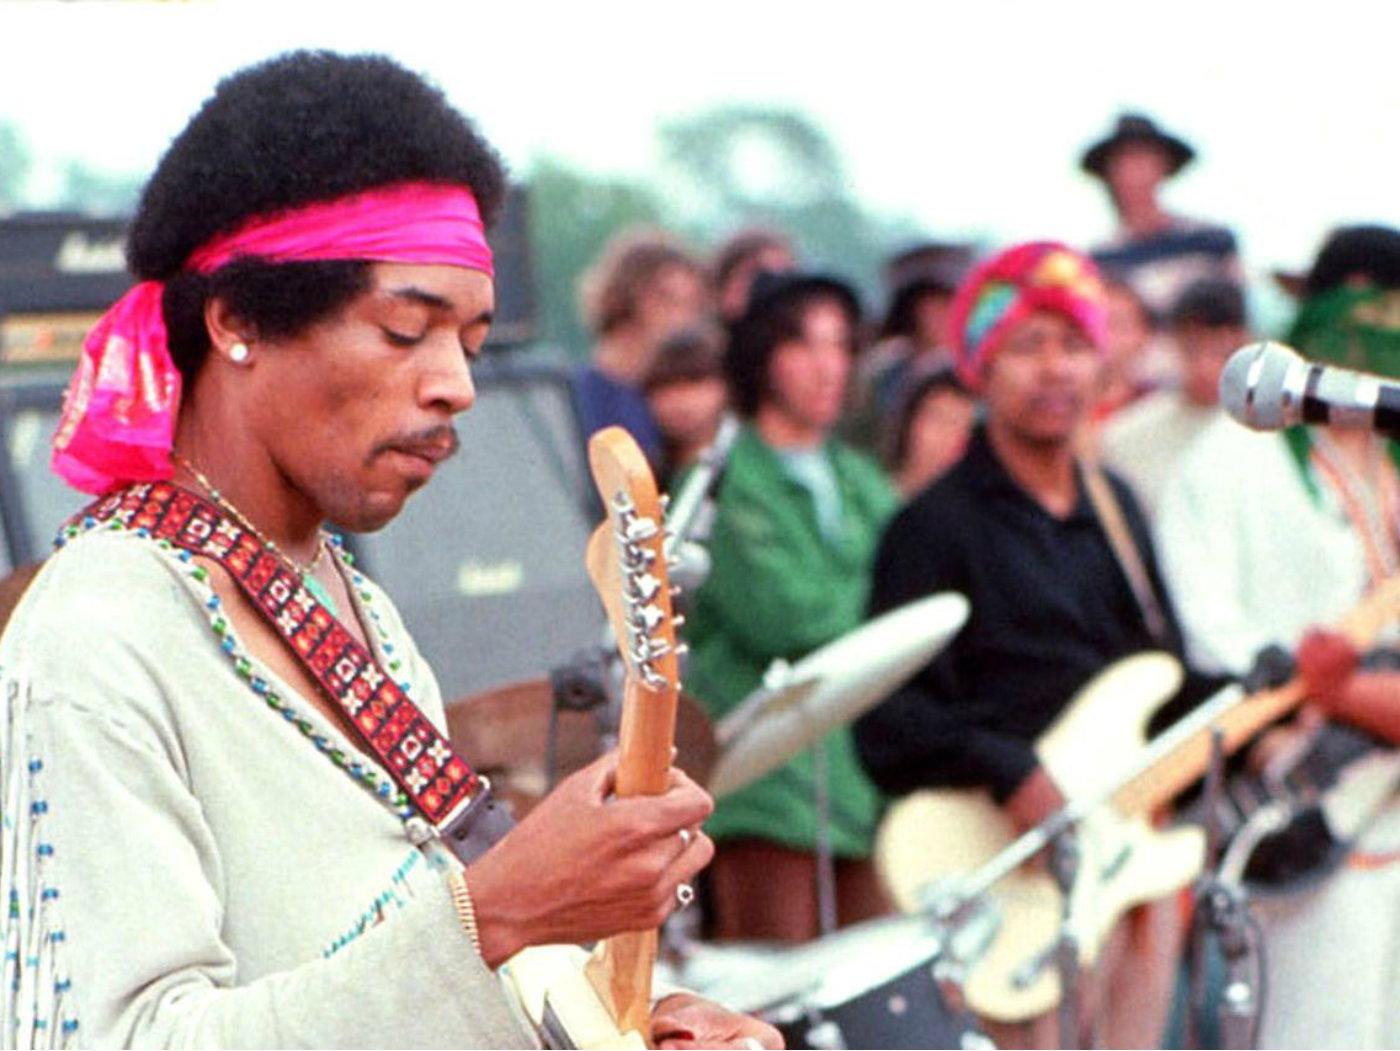 Organizan un festival por el 50º aniversario de Woodstock